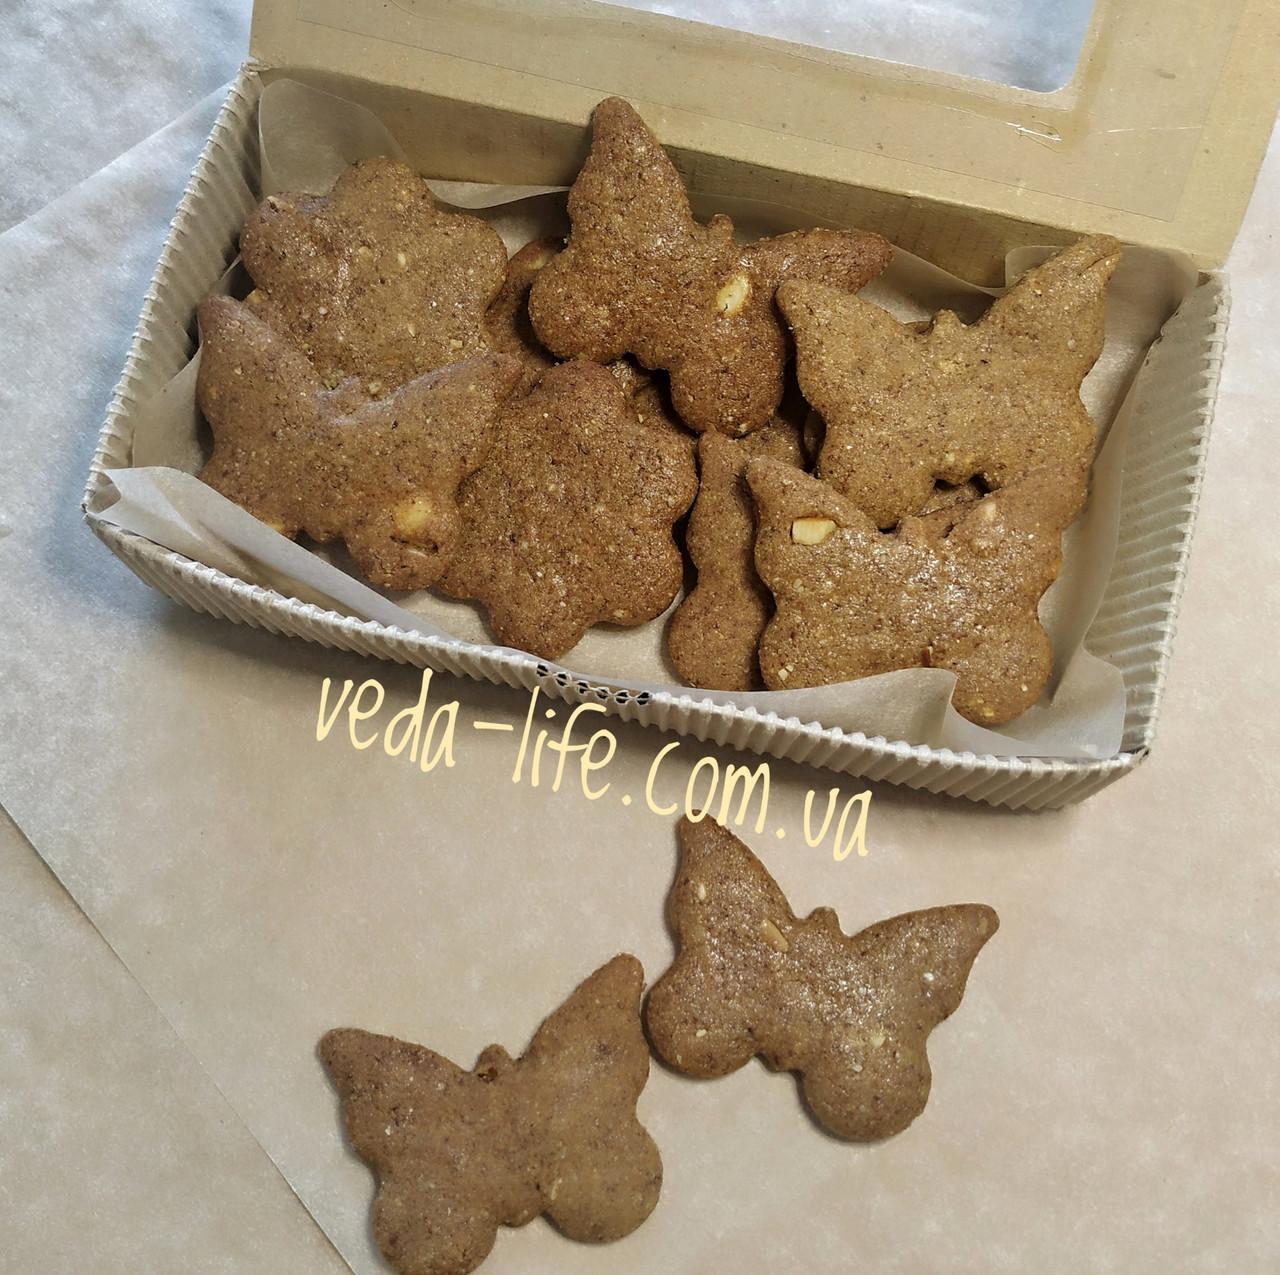 Марципанове печиво із насіння й горіхів. Марципановое печенье, 100 грамм. Суперфуд